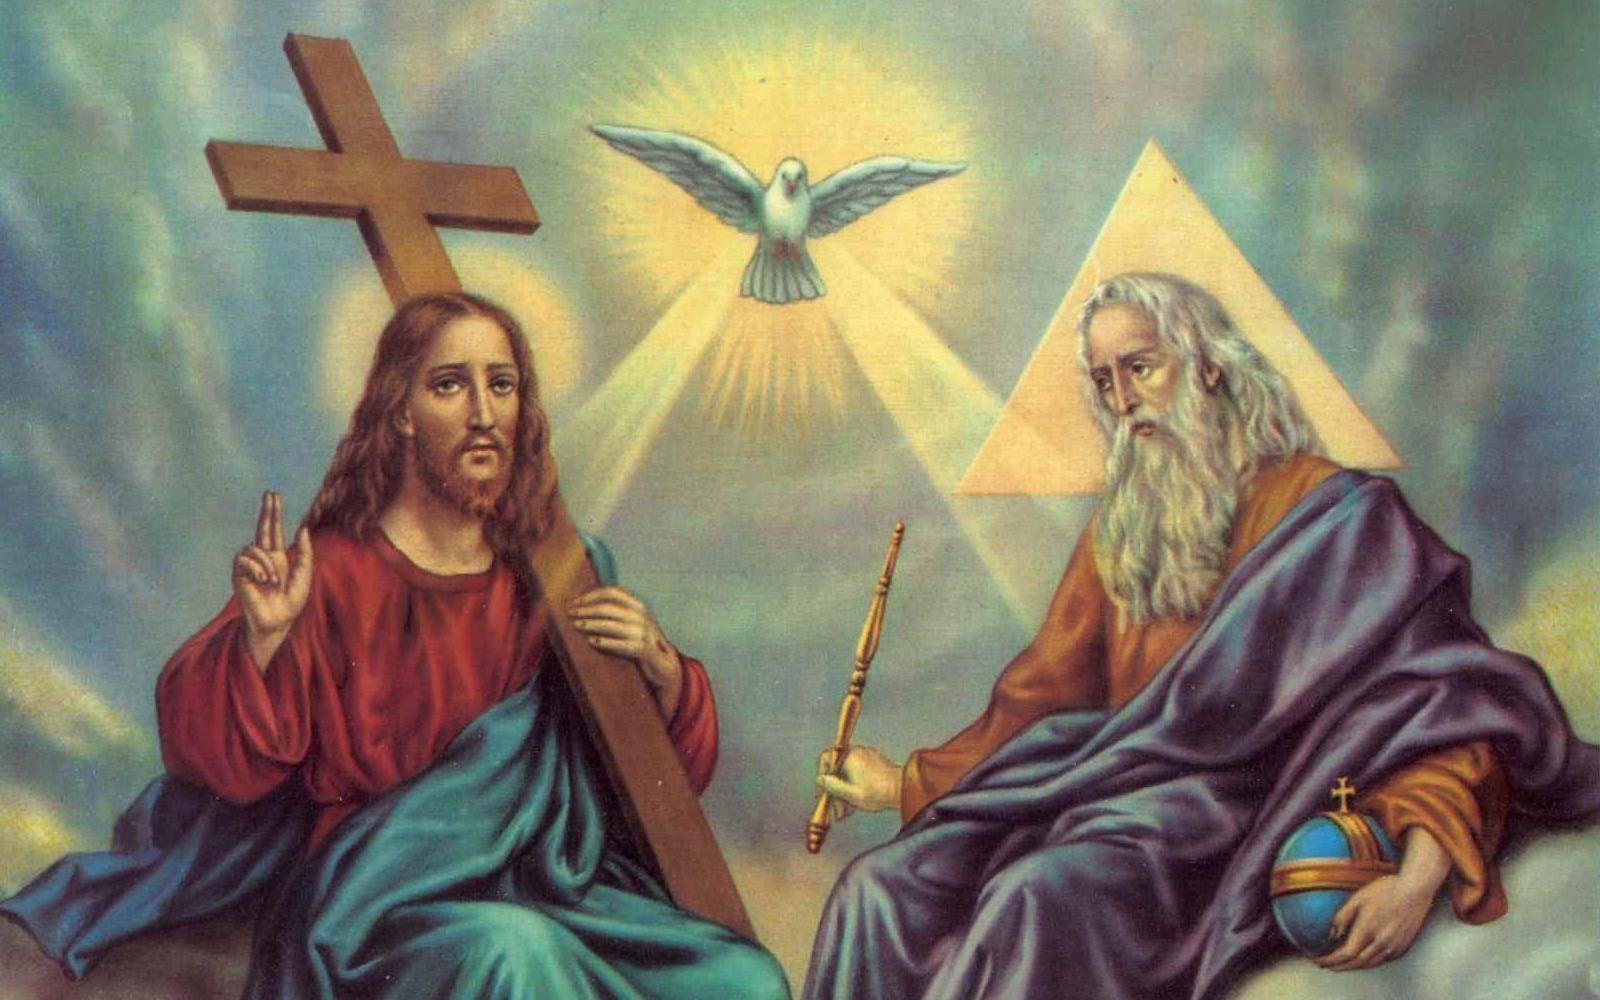 Is Jesus based on pagan gods? - The Irish Catholic